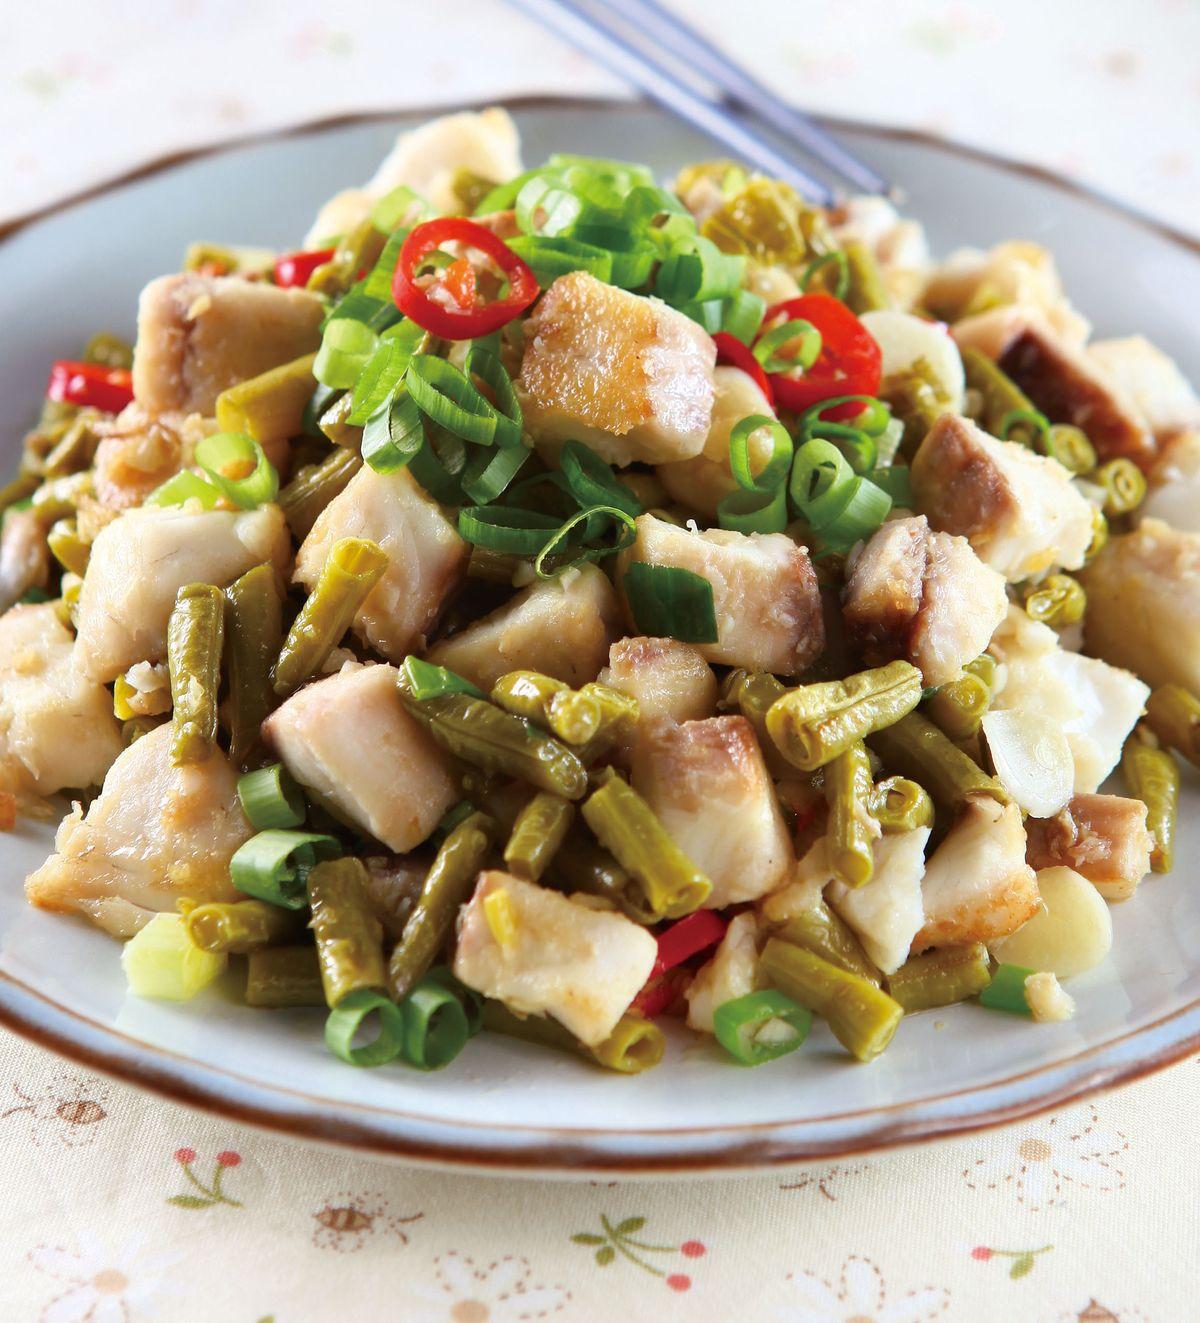 食譜:酸豇豆炒魚丁